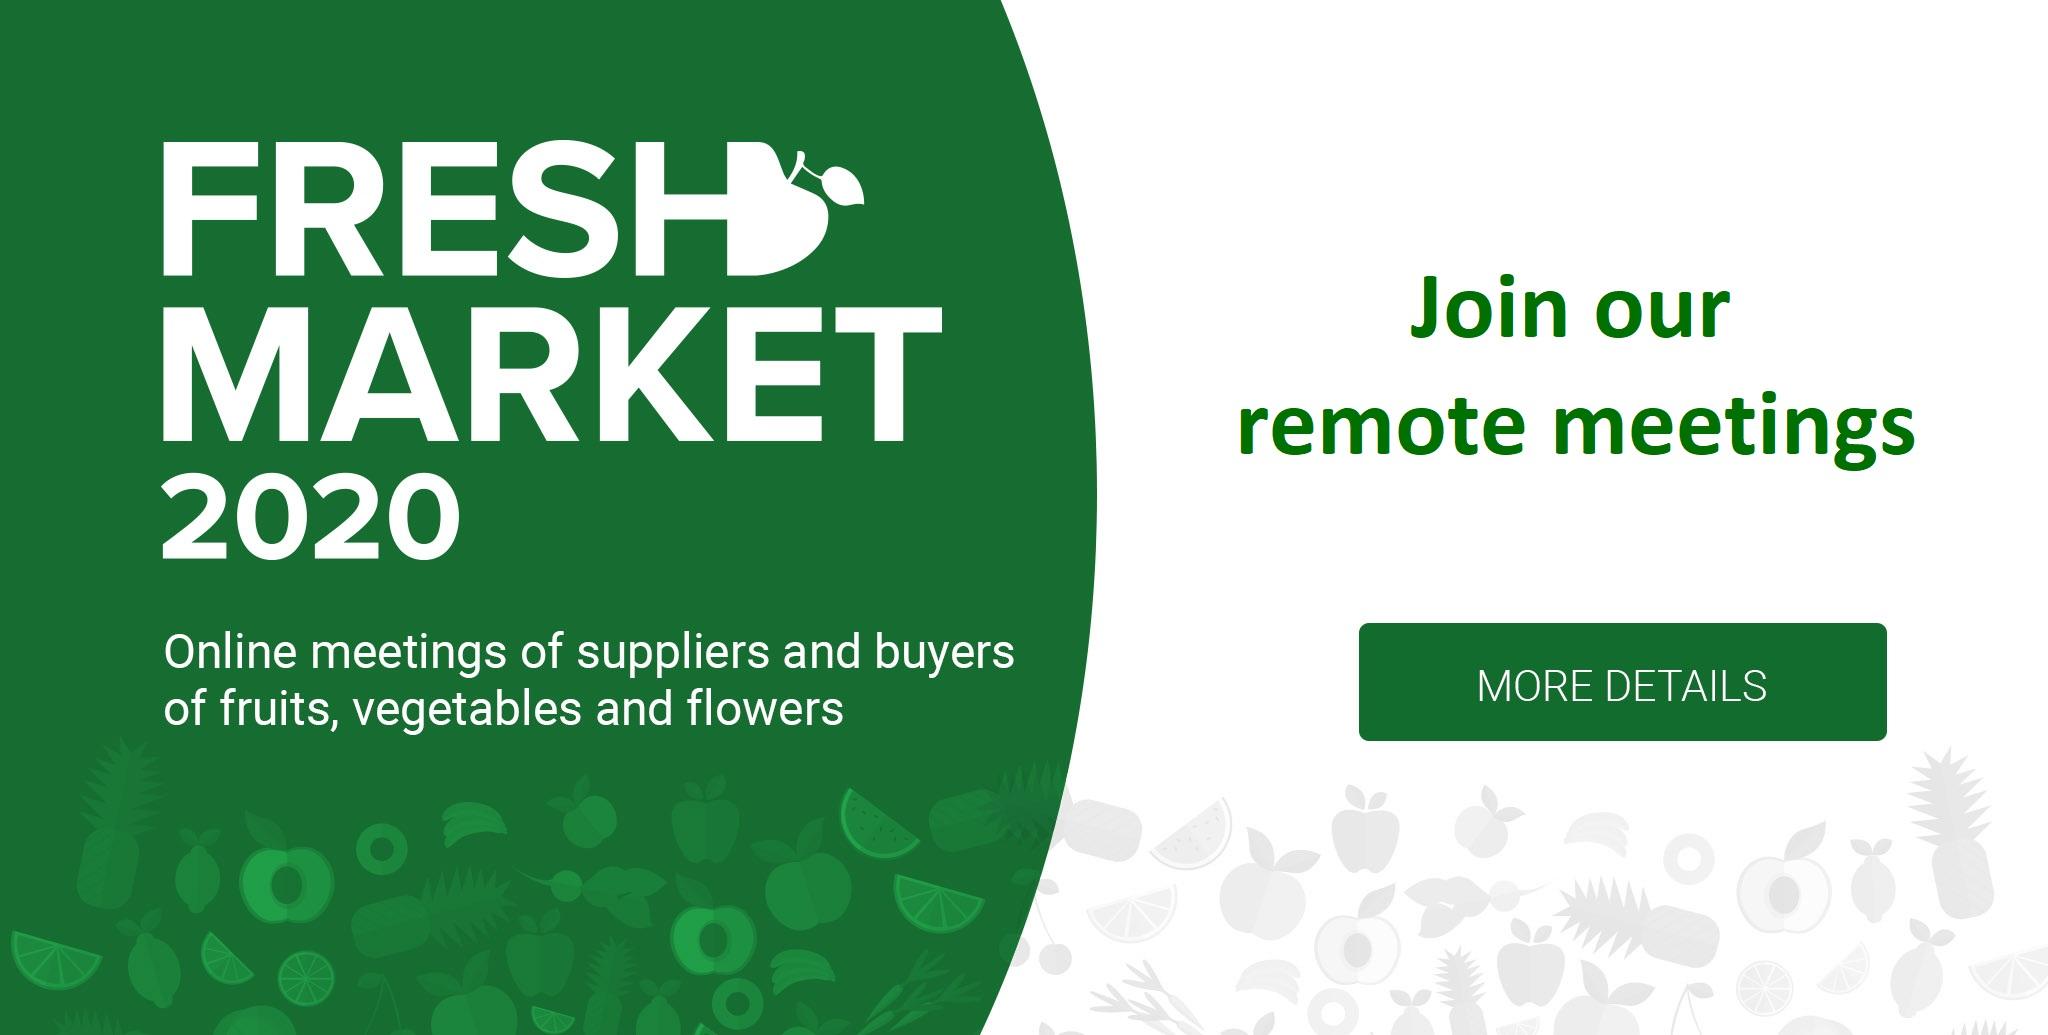 Fresh Market Online Meetings